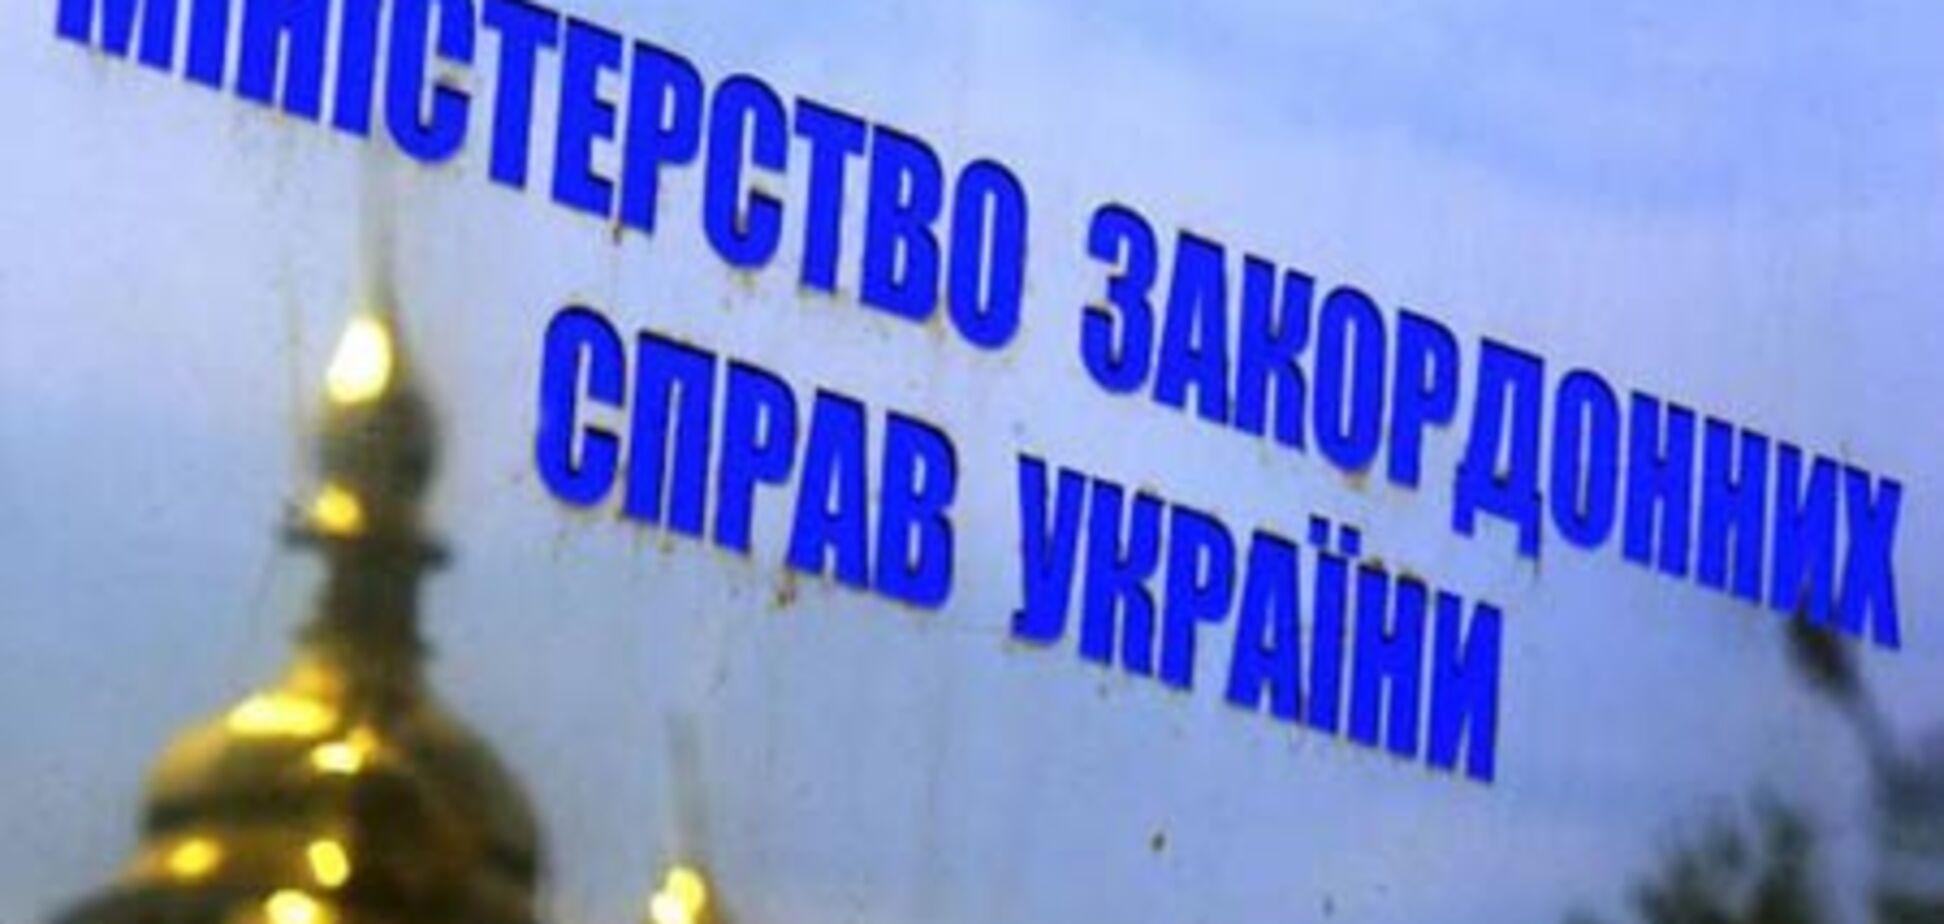 МЗС: ситуація з бібліотекою може посварити Україну і Росію